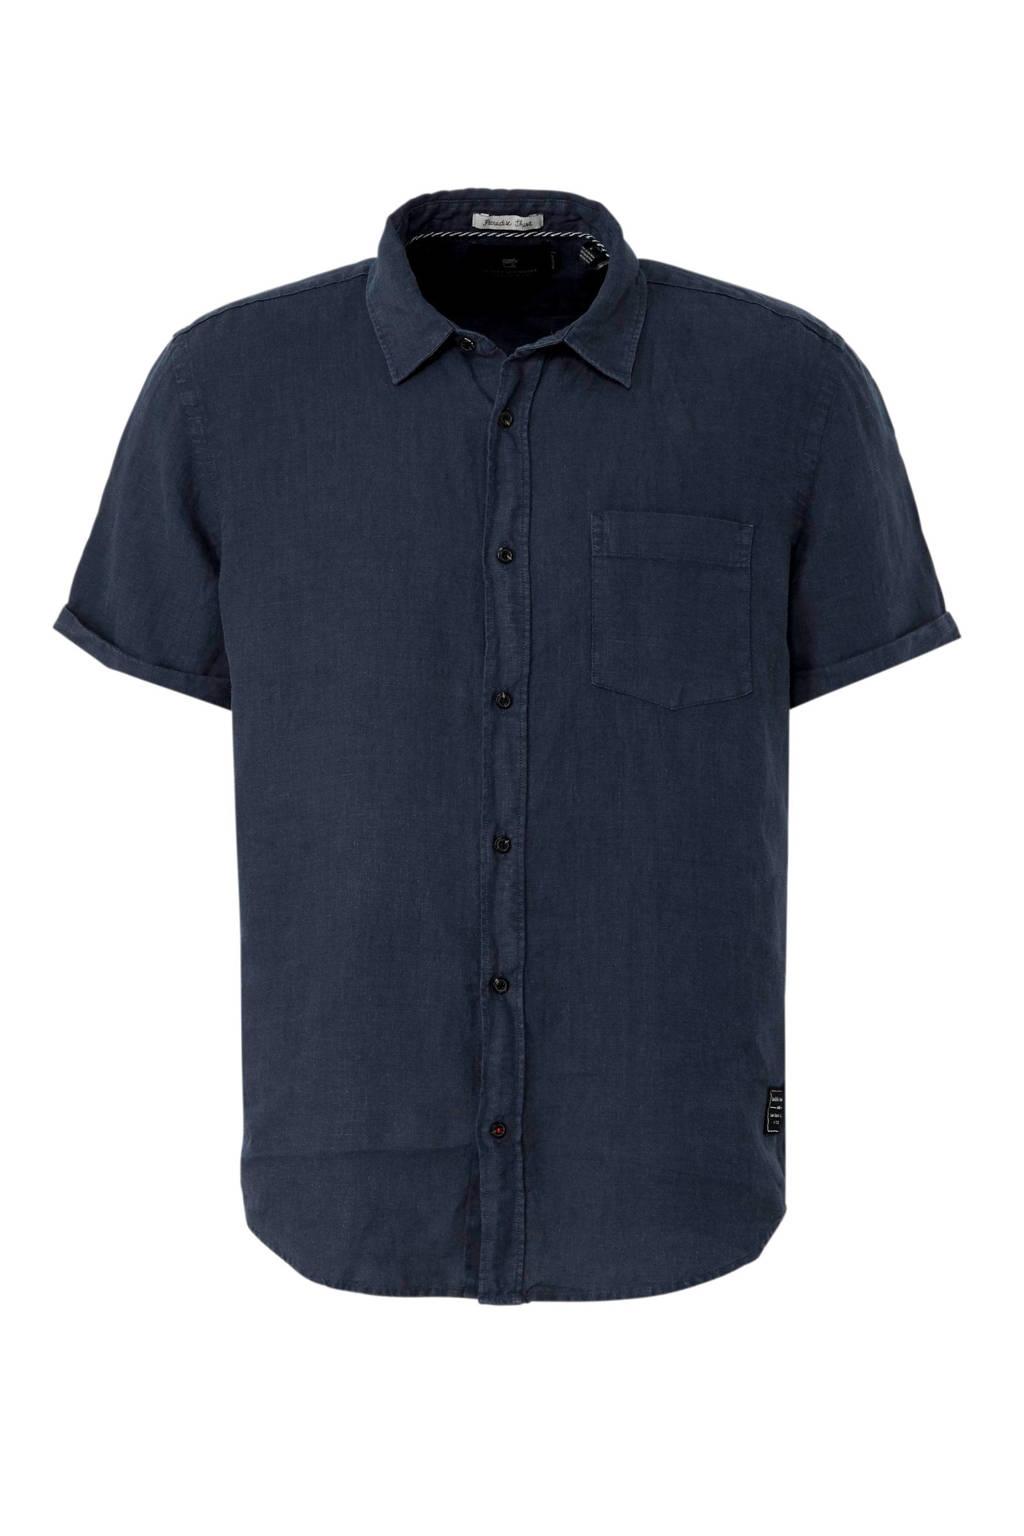 Scotch & Soda overhemd blauww, Donkerblauw